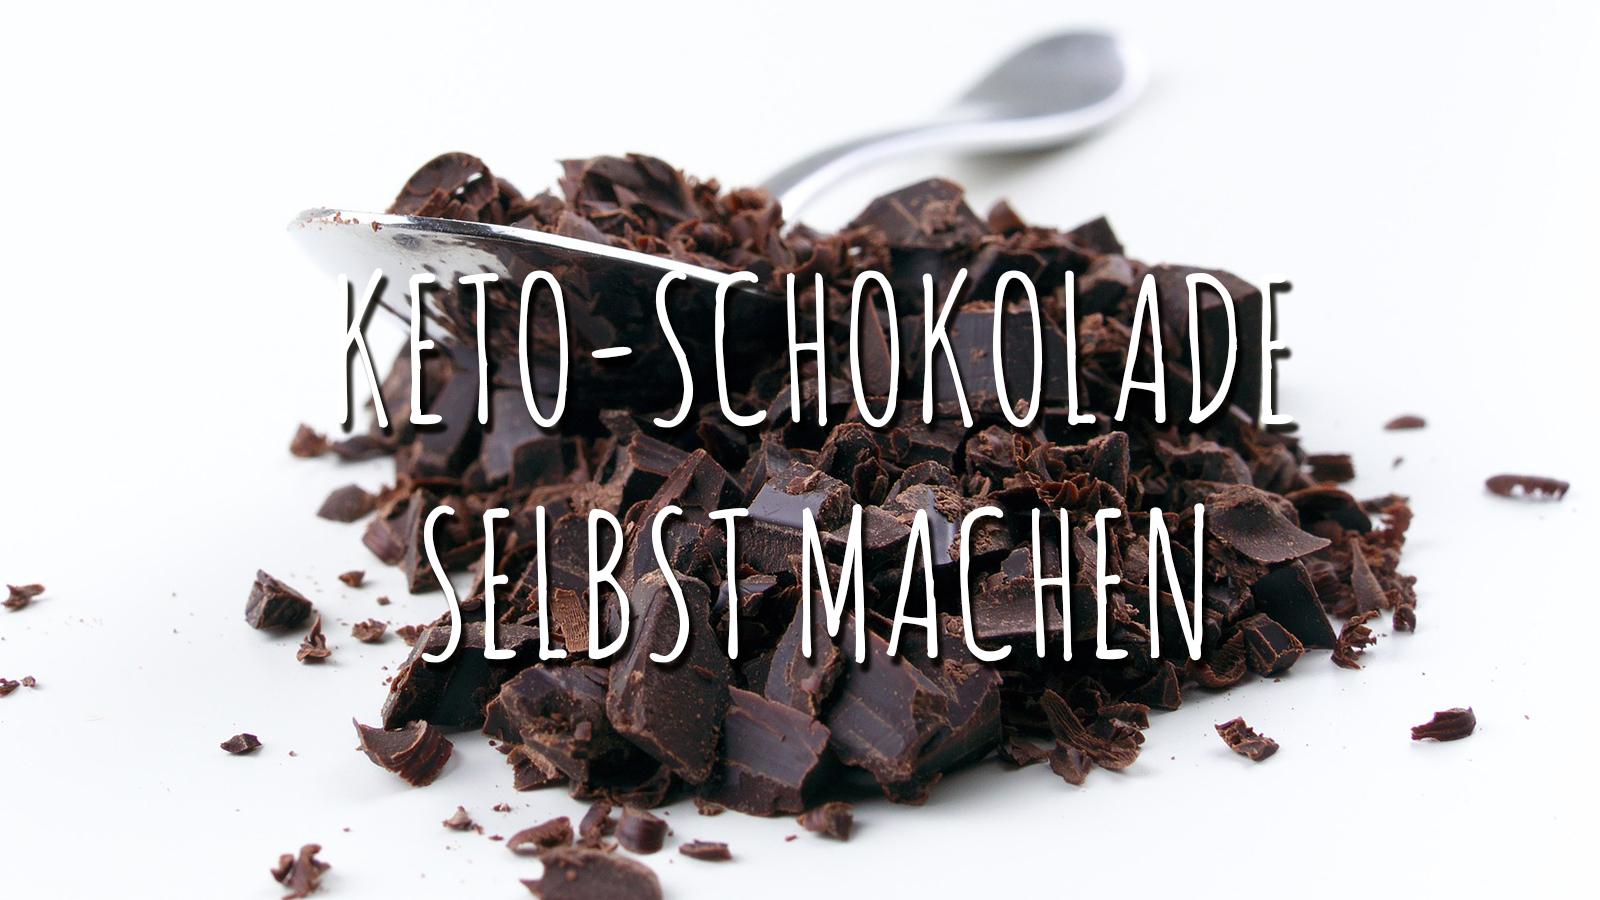 Keto-Schokolade – einfach selber machen